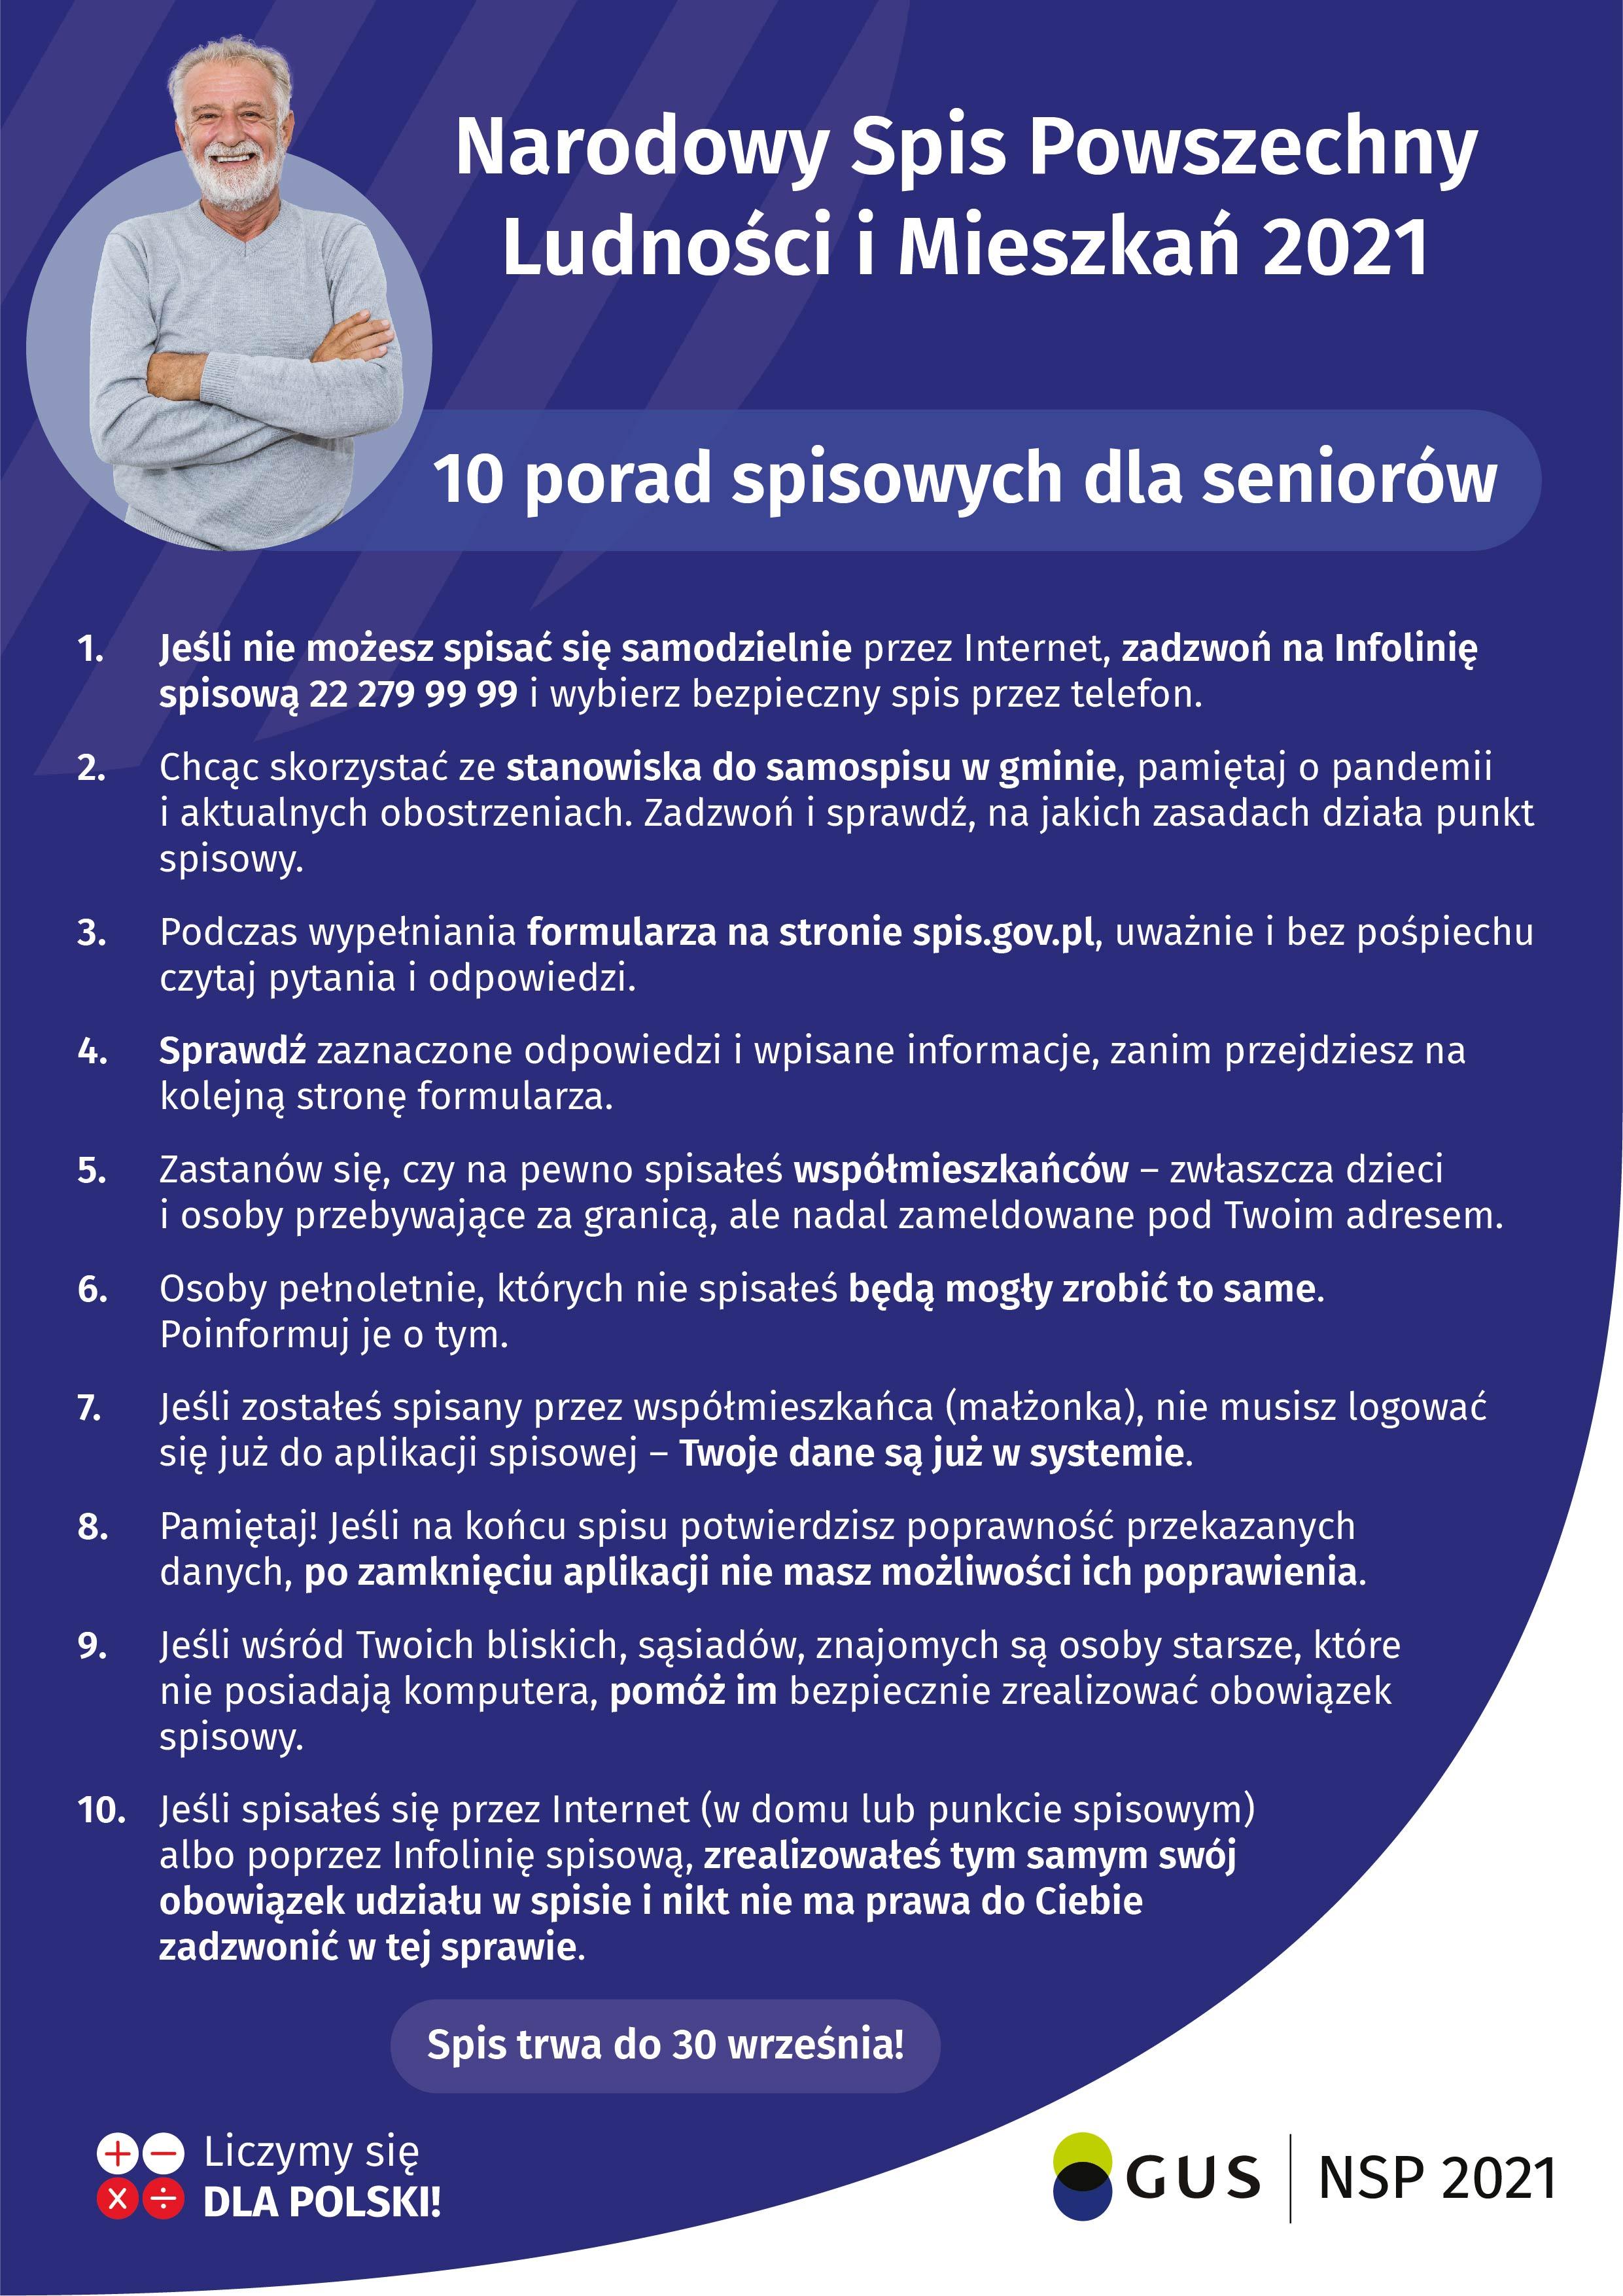 Pomóż seniorowi NSP 2021